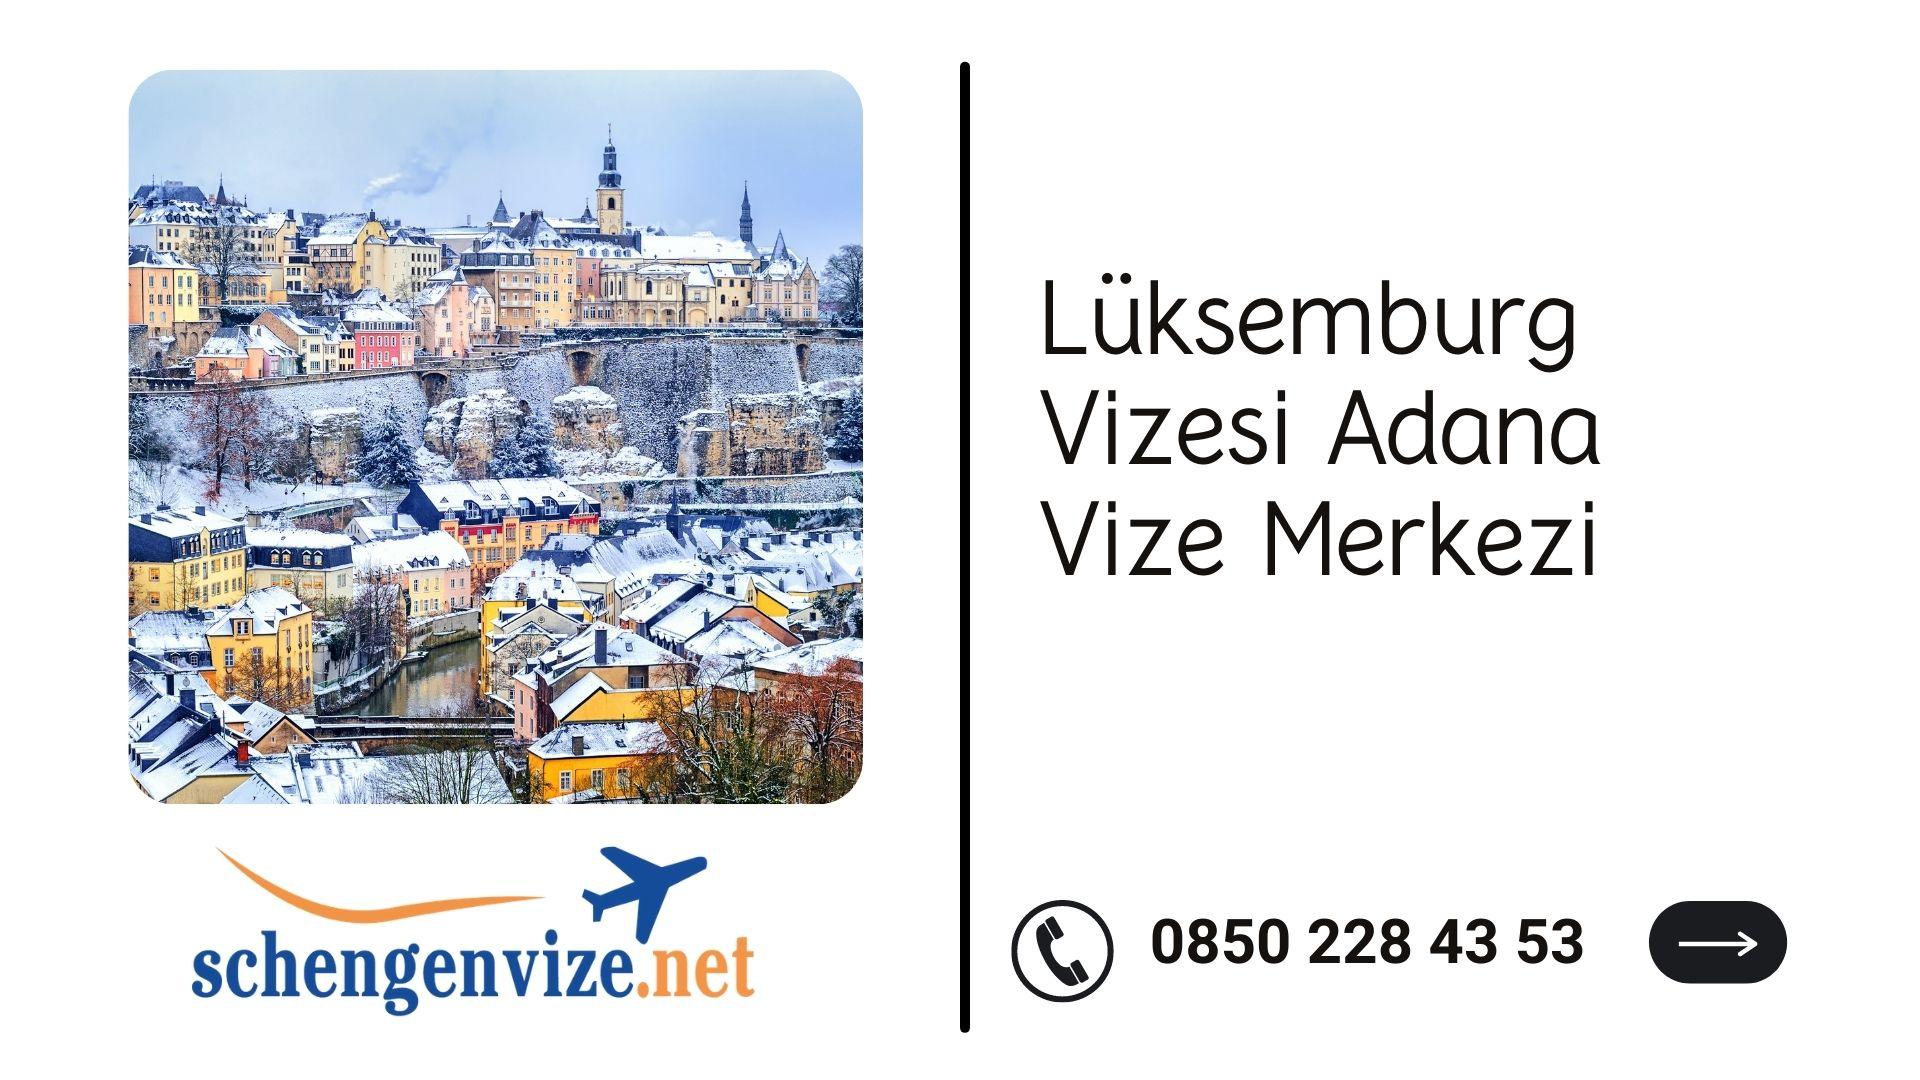 Lüksemburg Vizesi Adana Vize Merkezi